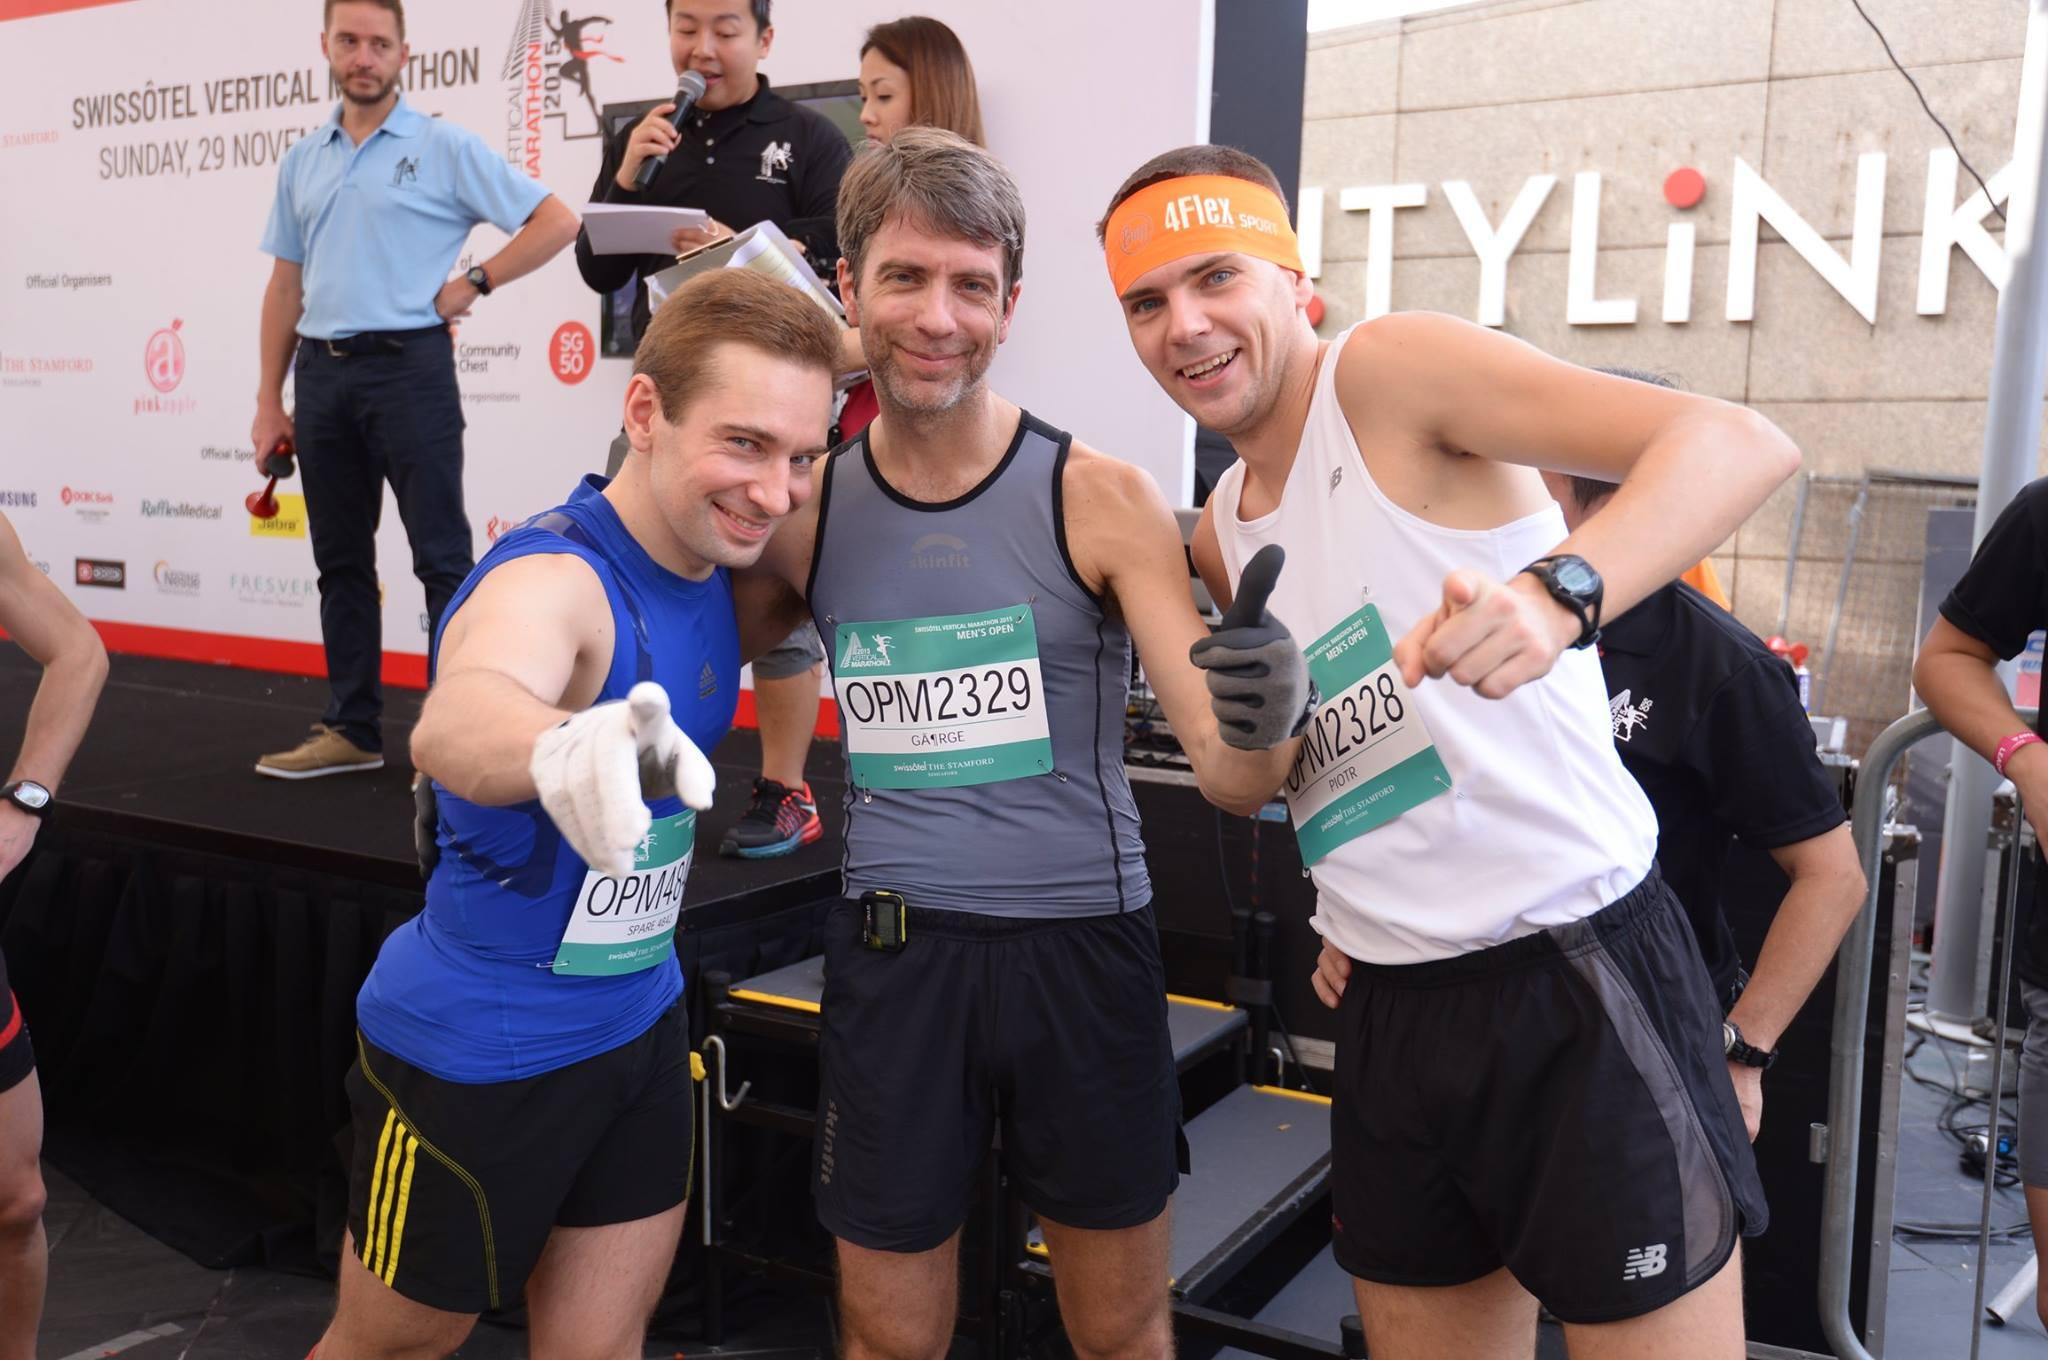 swissotel_vertical marathon 3